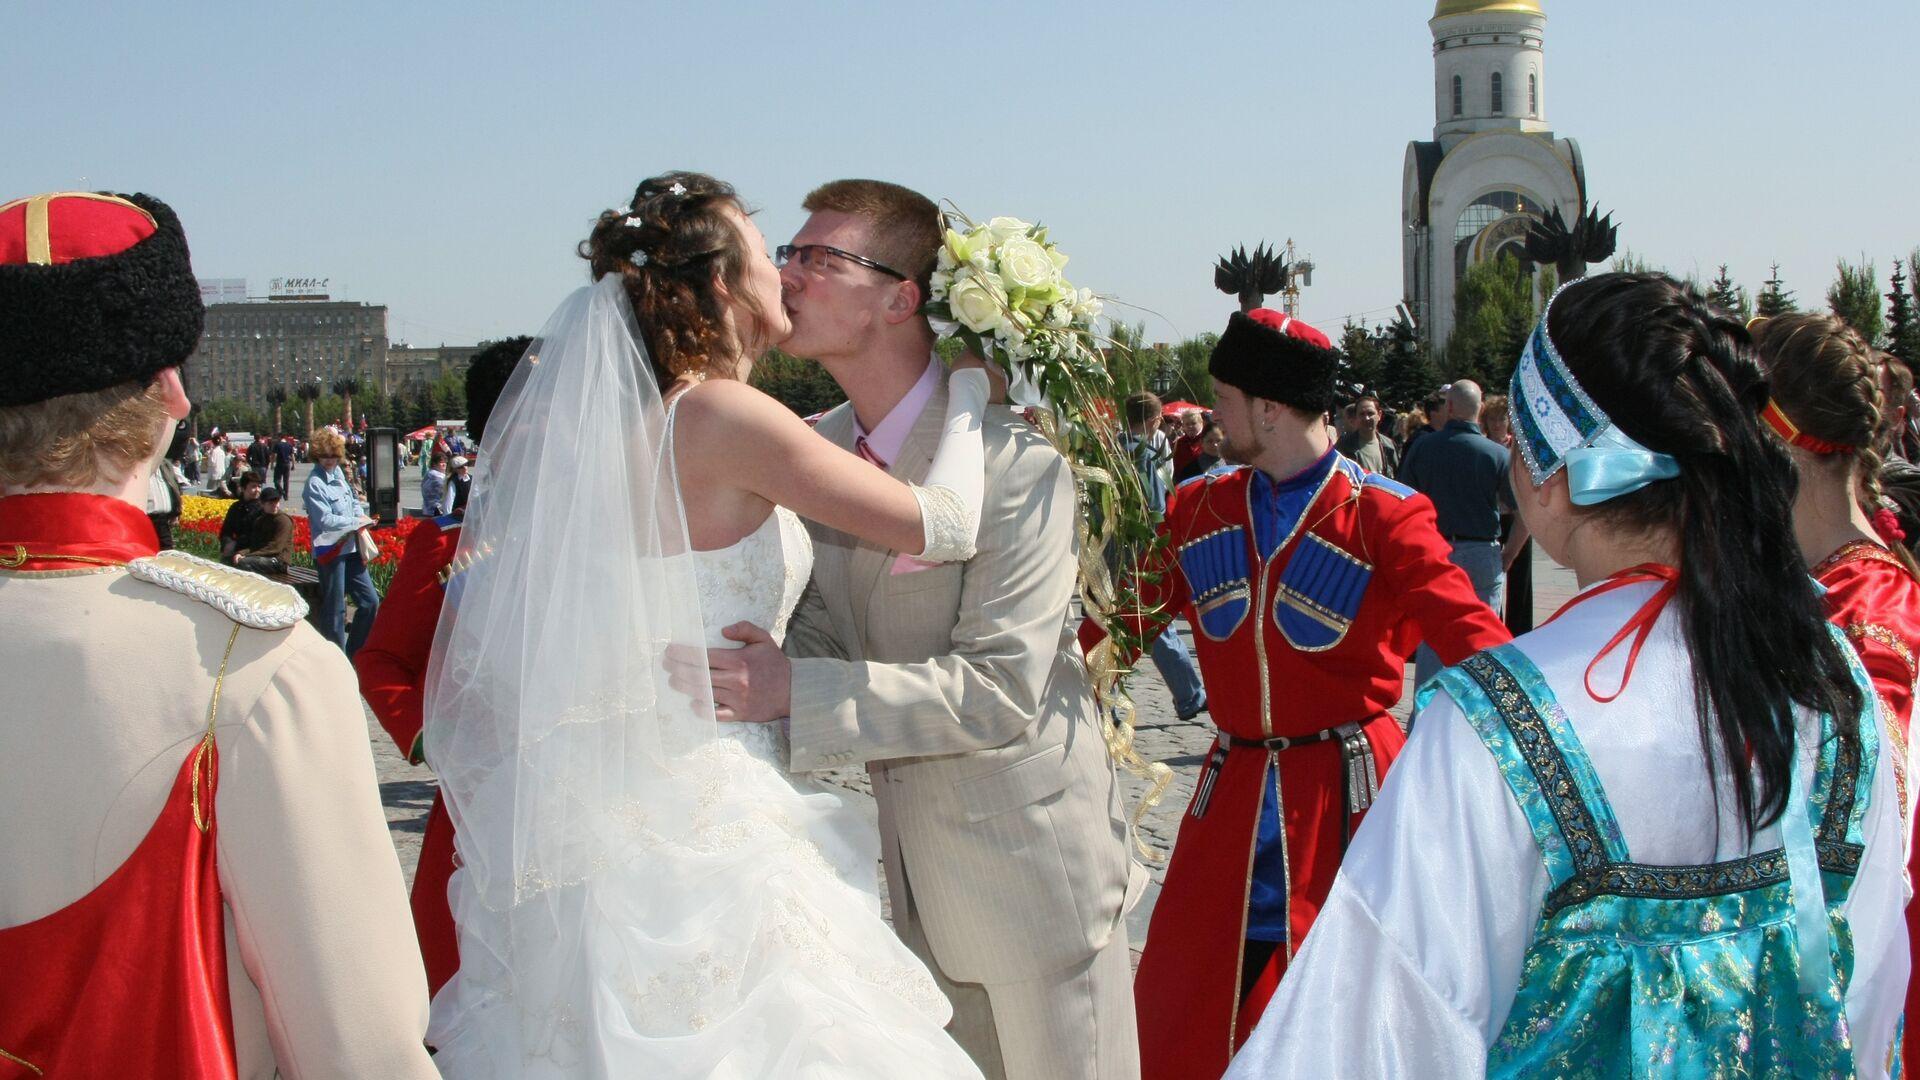 Свадебные гуляния накануне Красной горки на Поклонной горе - РИА Новости, 1920, 15.04.2018